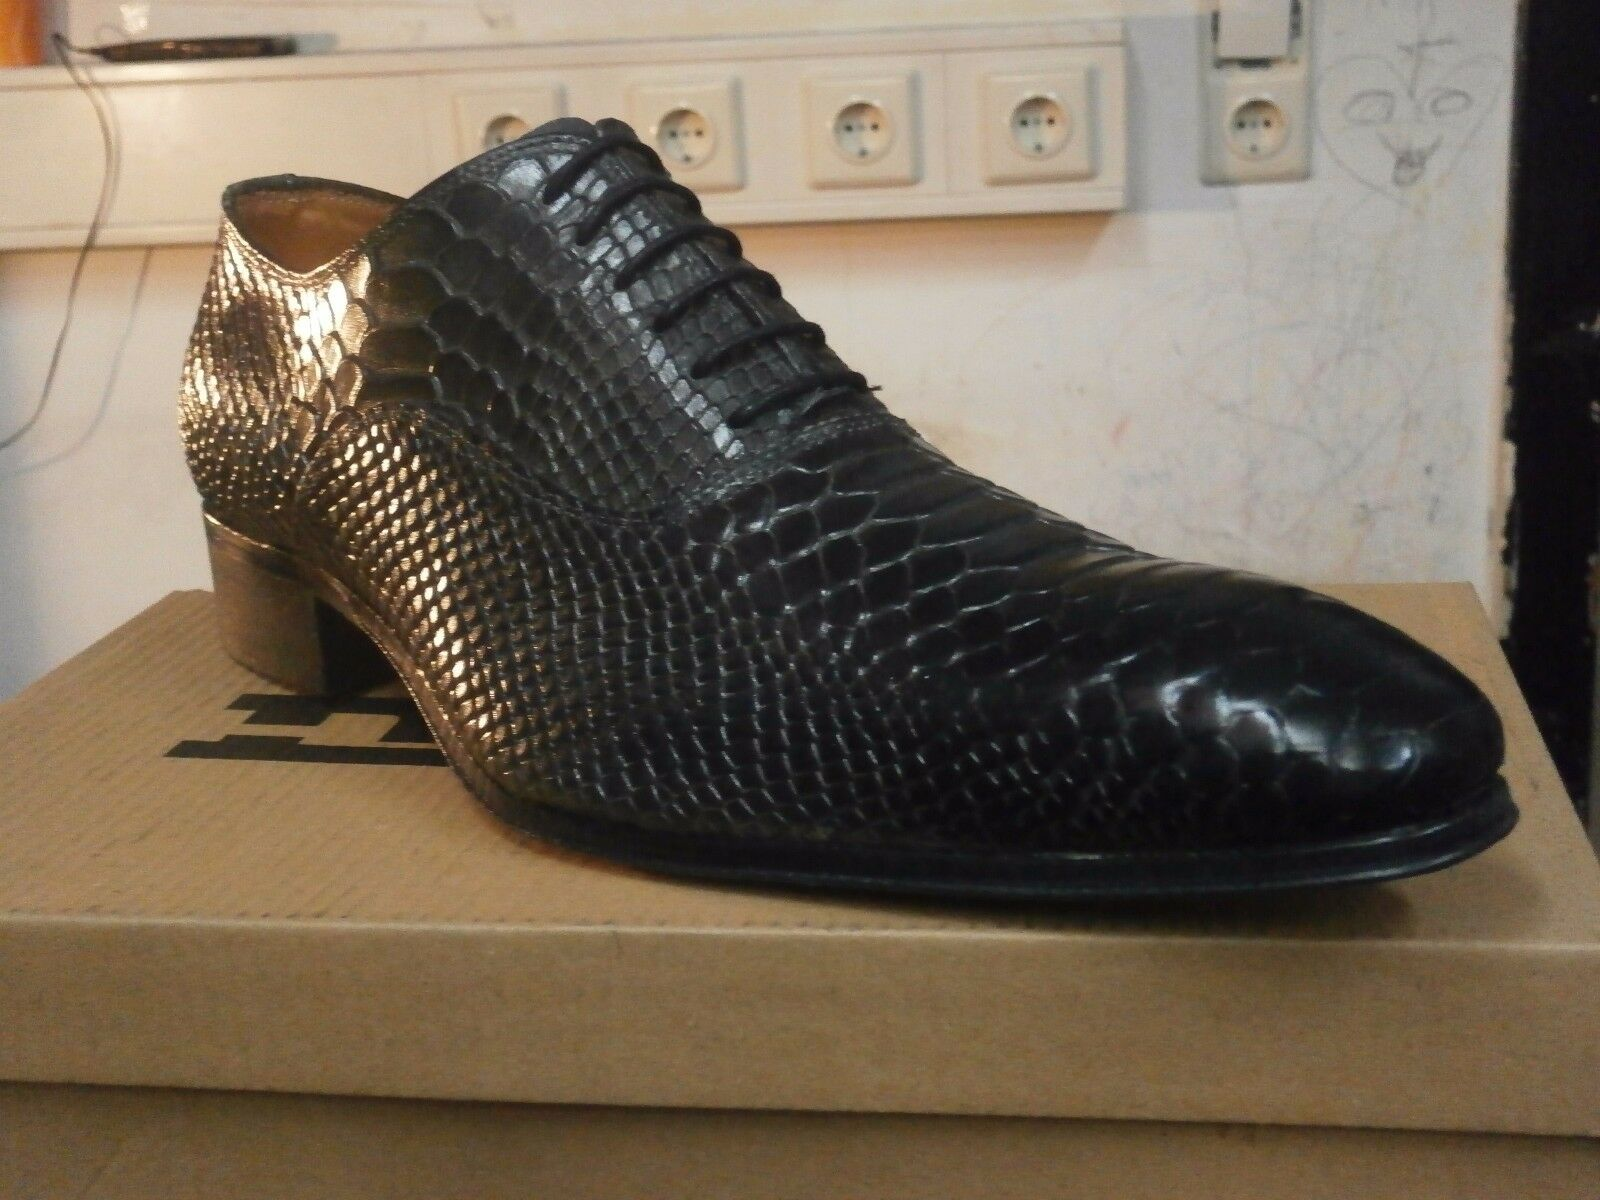 Scarpe da Uomo/italian shoes, Mario alborino Solid/Elegante Scarpe in pelle. Scarpe classiche da uomo